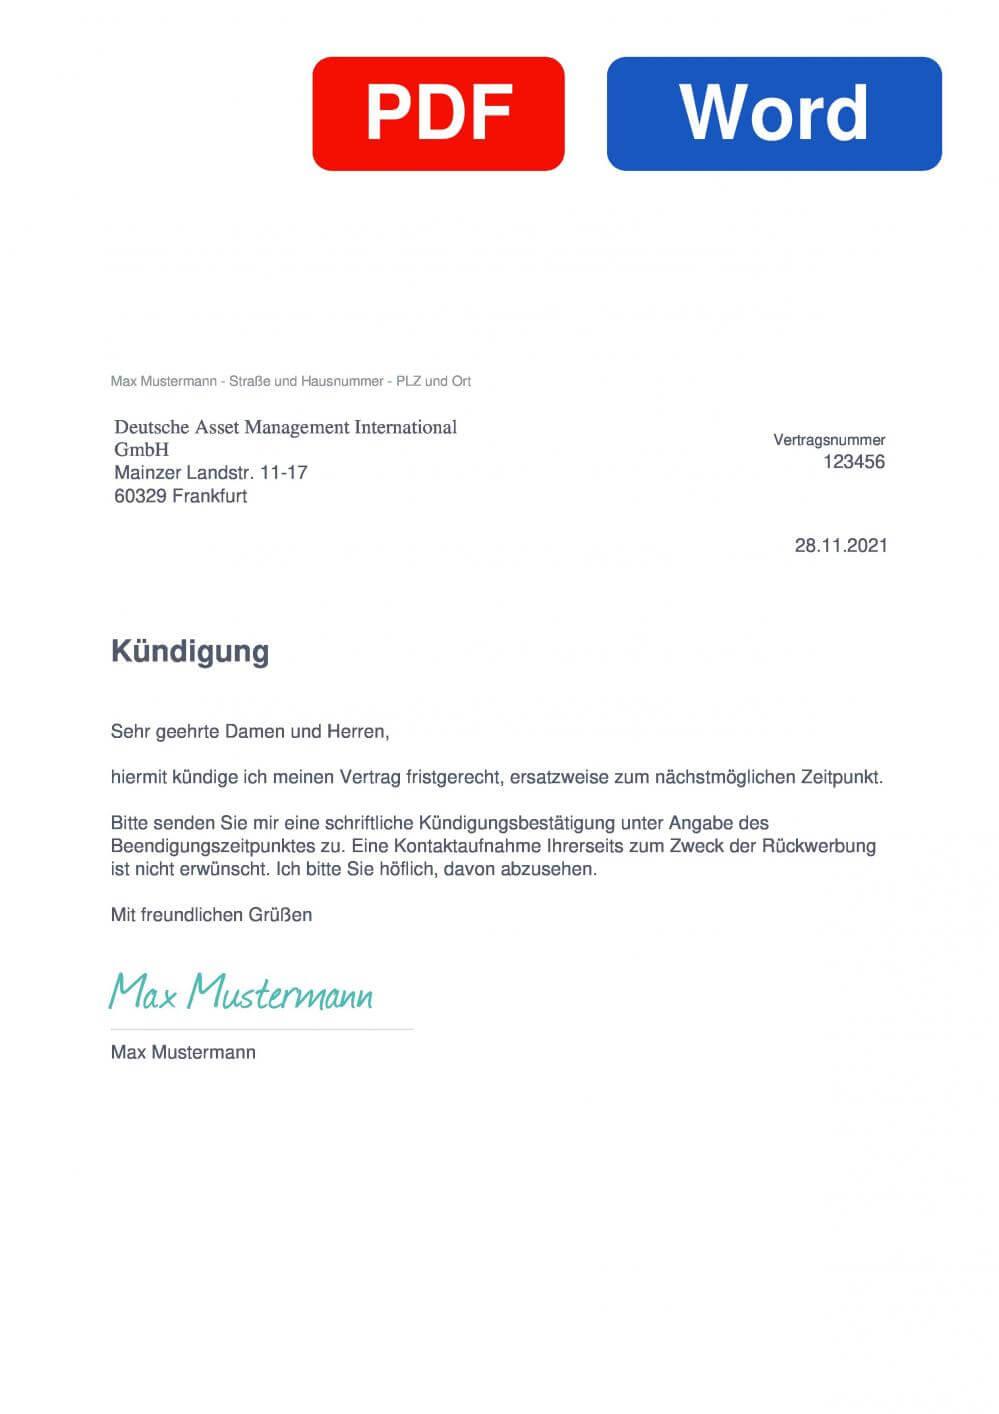 DWS Muster Vorlage für Kündigungsschreiben